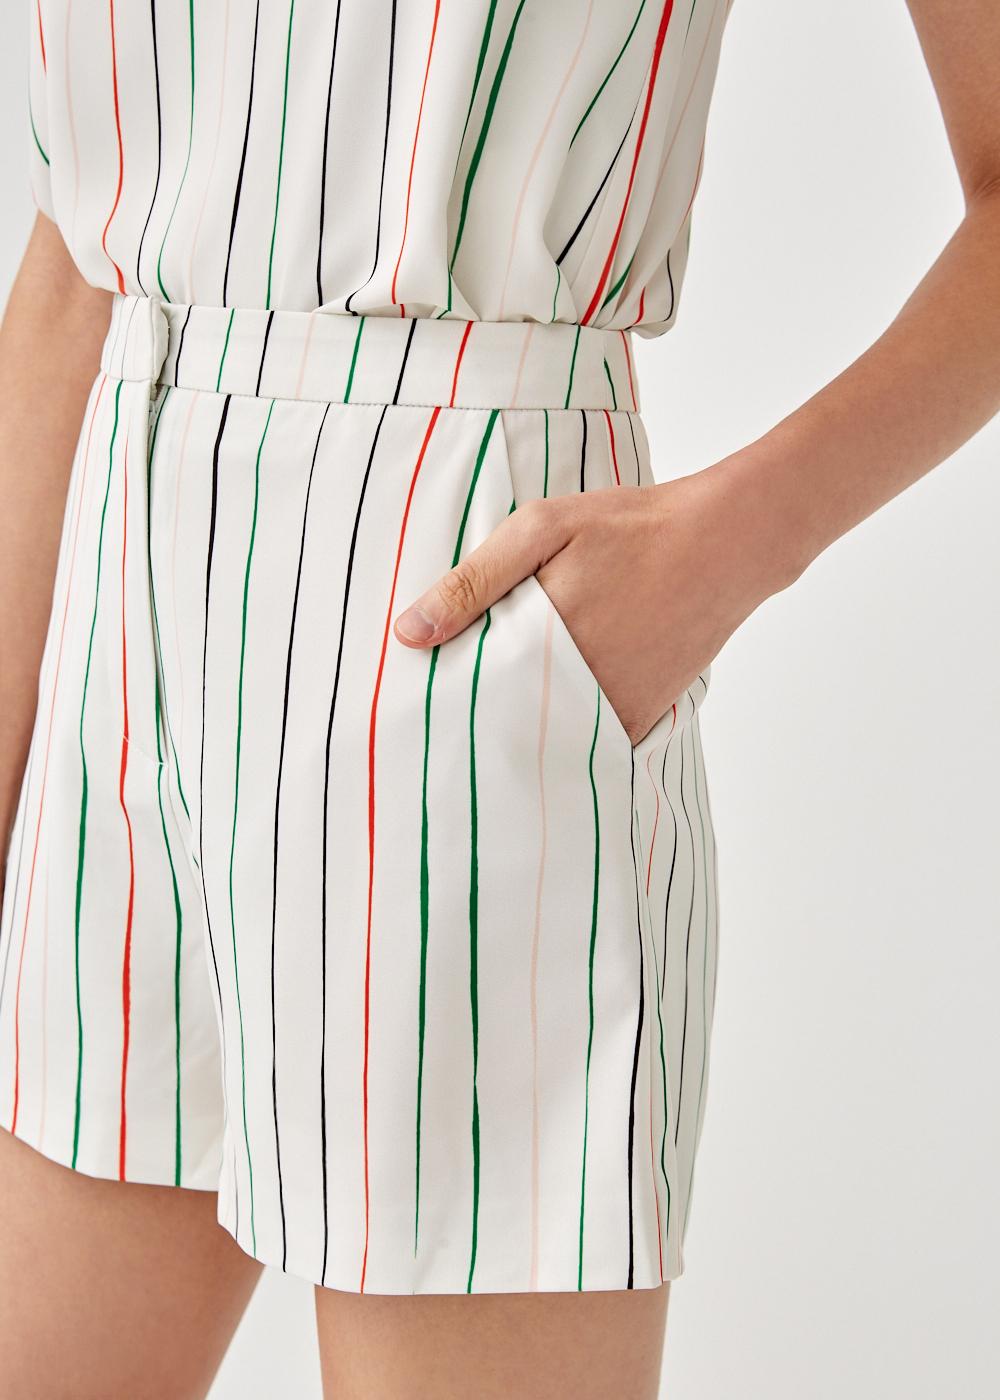 Alayna Shorts in Sunburst Stripe